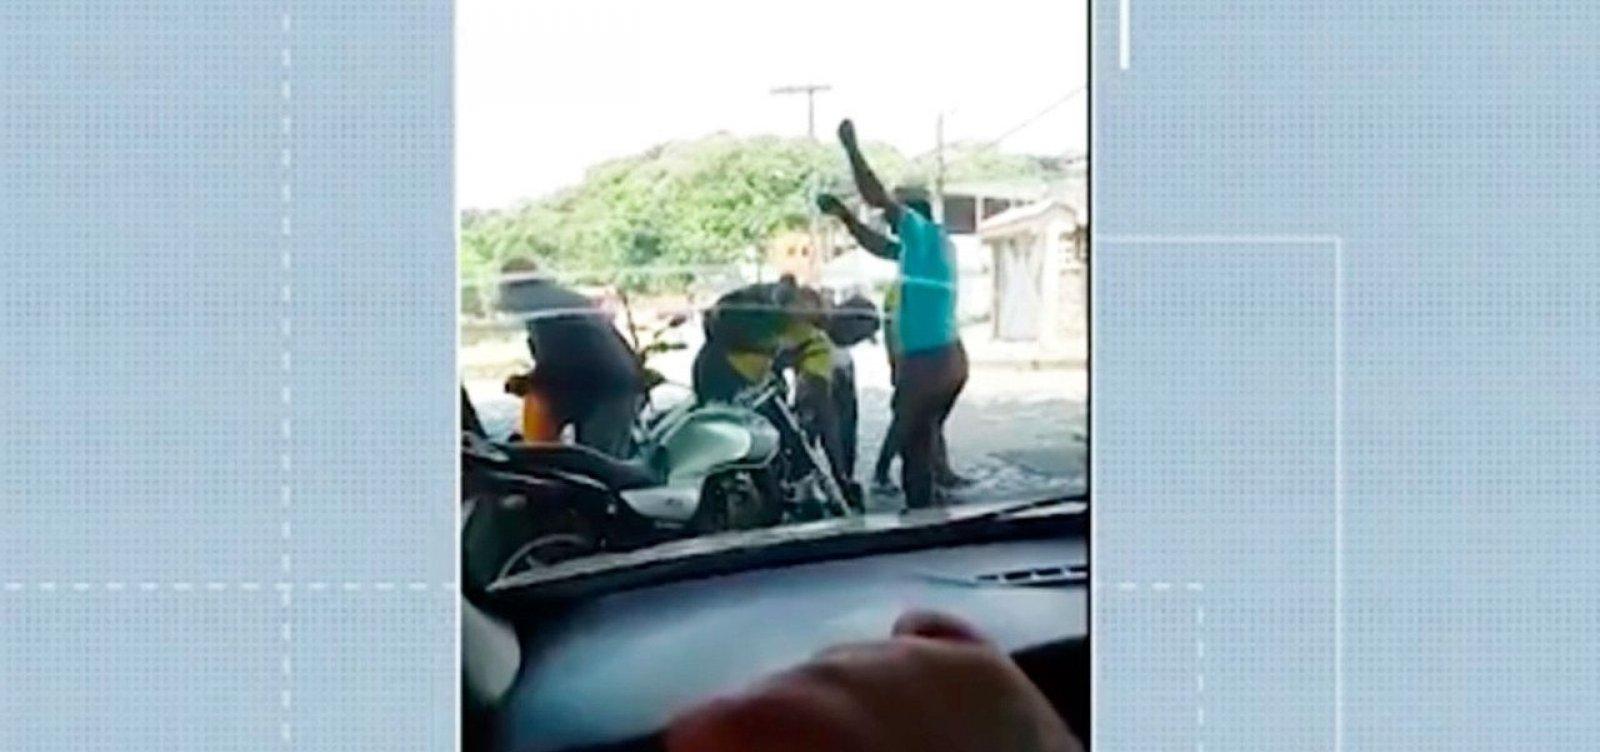 [Servidores da prefeitura de Ilhéus são afastados por desvio de gasolina para moto particular]